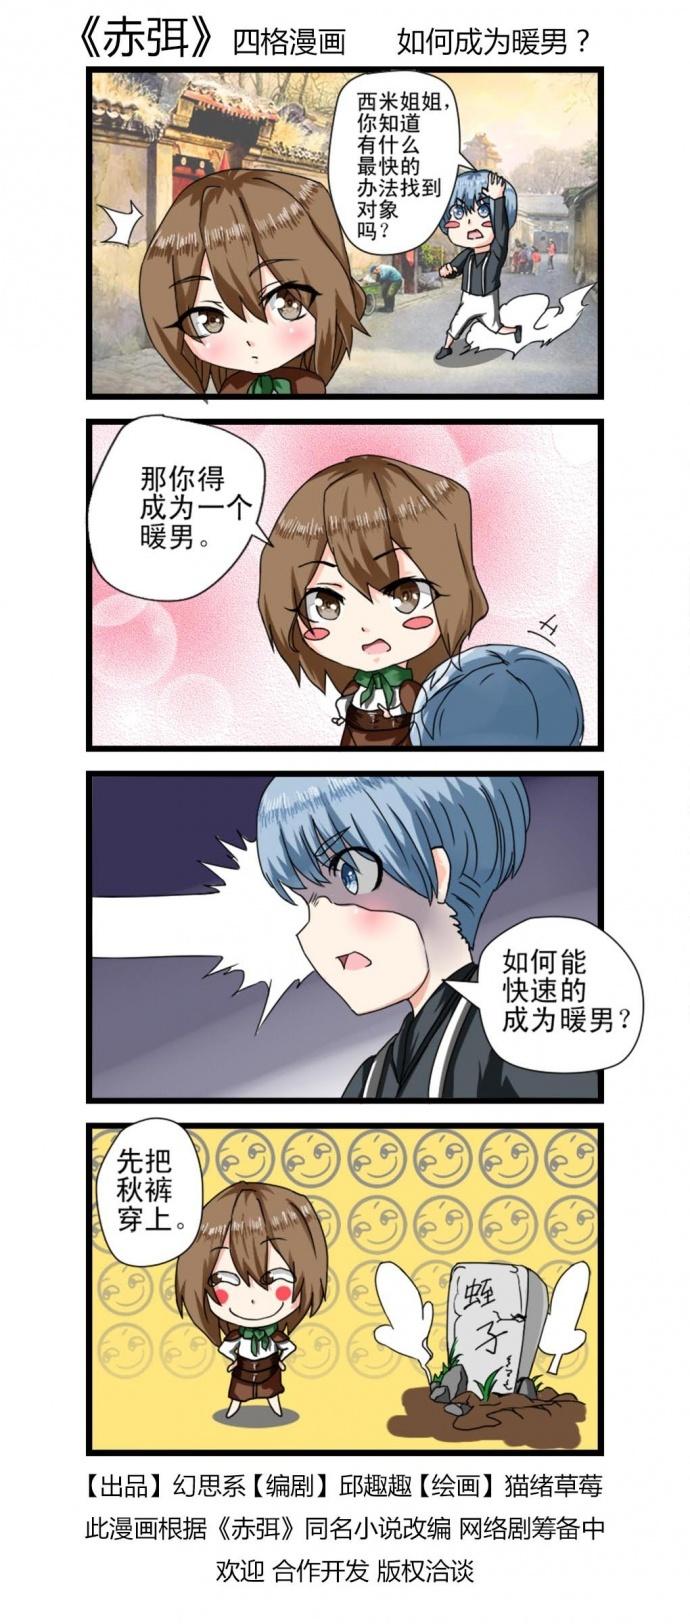 《赤弭》四格漫画:如何成为一个暖男?